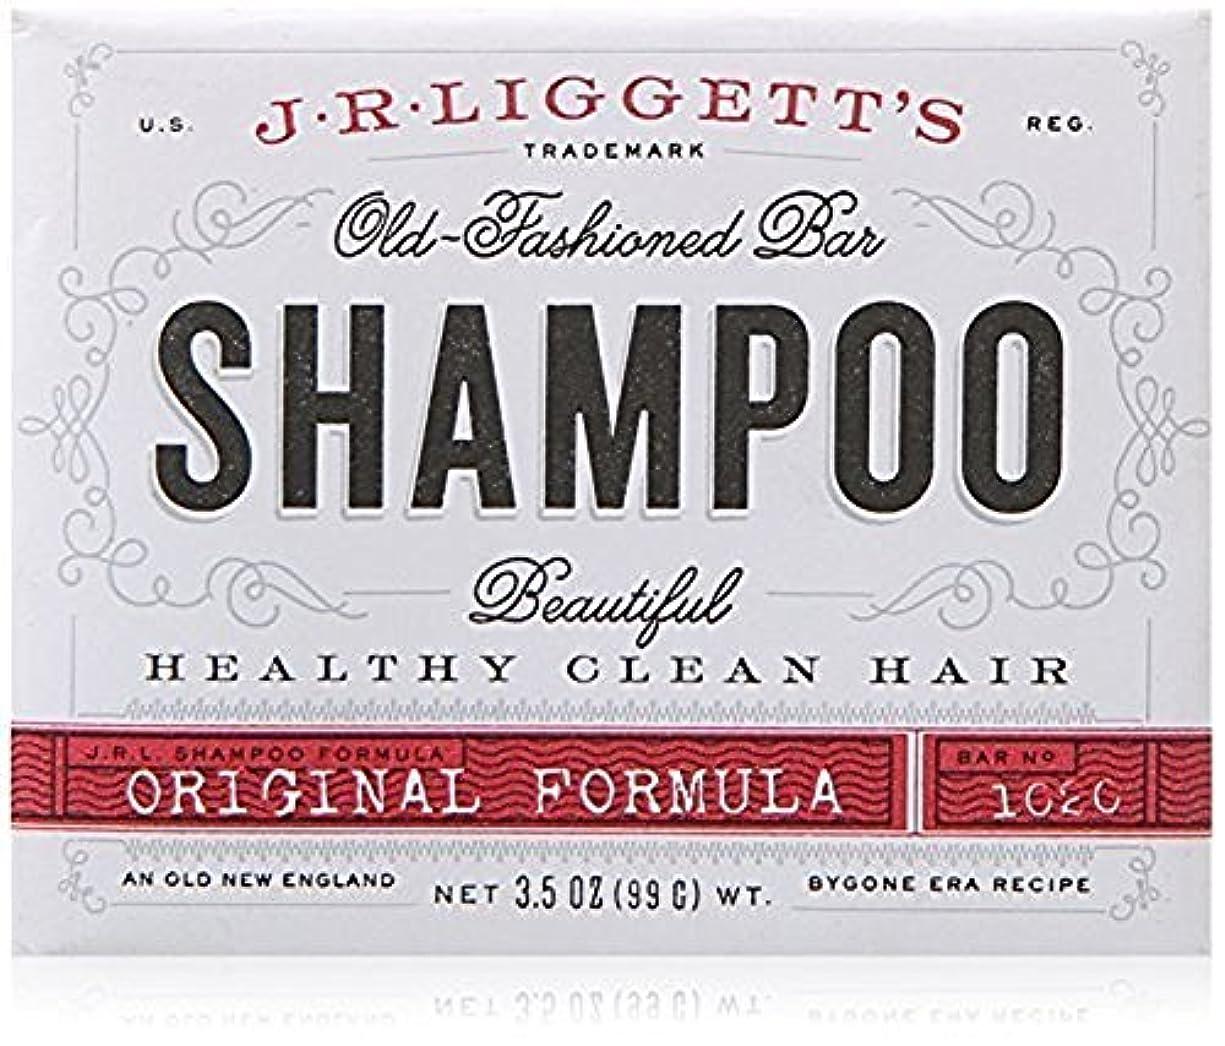 プランテーション集計脱臼するx J.R.Liggett's Old-Fashioned Bar Shampoo The Original Formula - 3.5 oz by J.R. Liggett